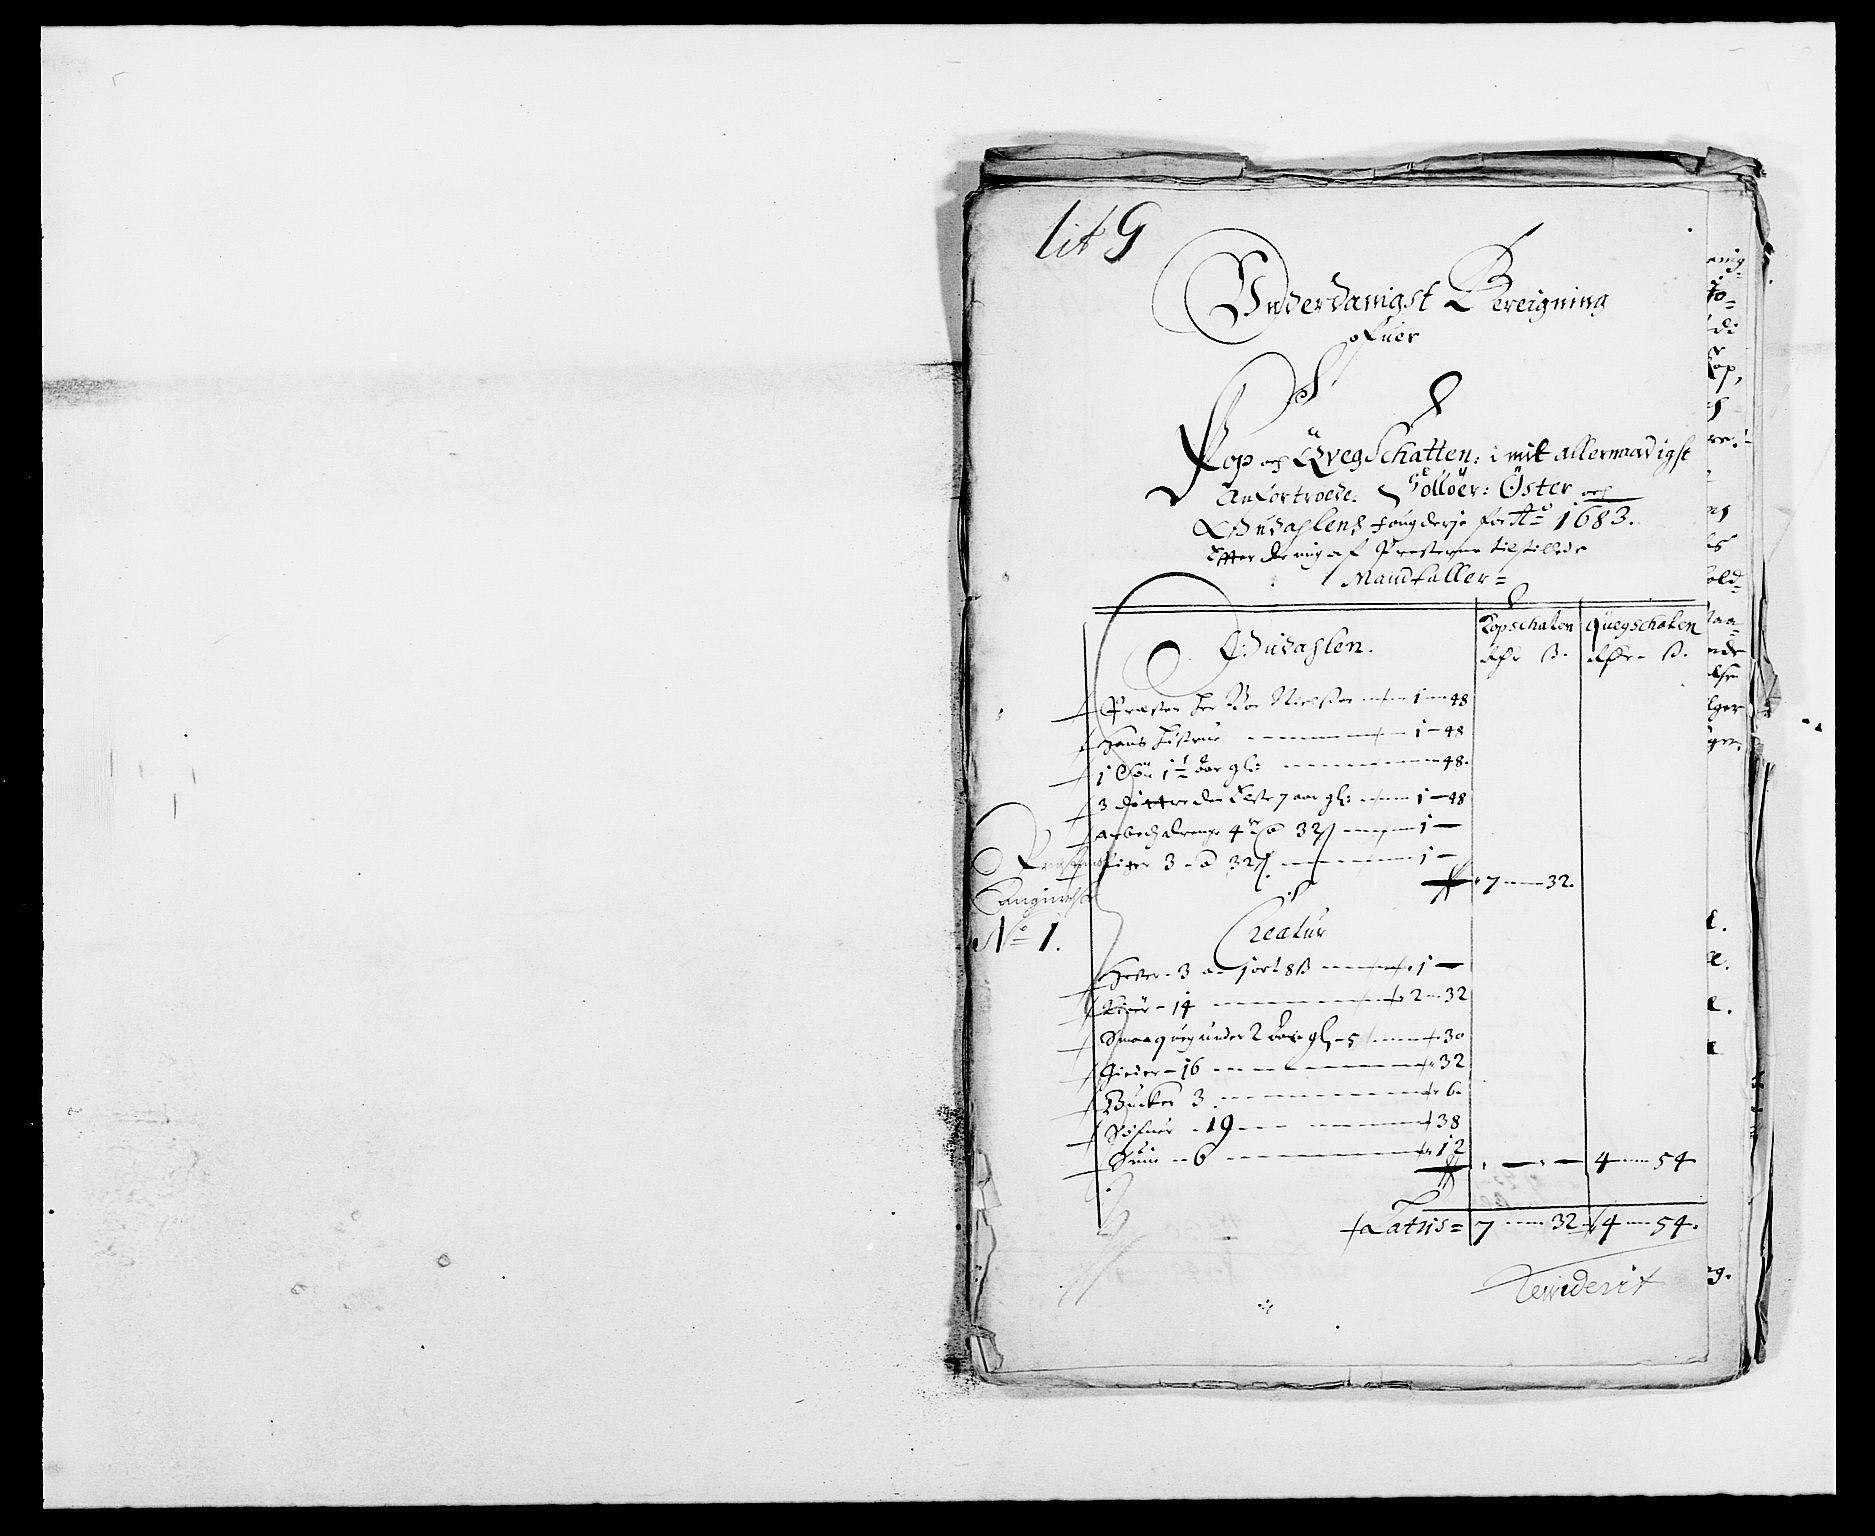 RA, Rentekammeret inntil 1814, Reviderte regnskaper, Fogderegnskap, R13/L0820: Fogderegnskap Solør, Odal og Østerdal, 1683, s. 227